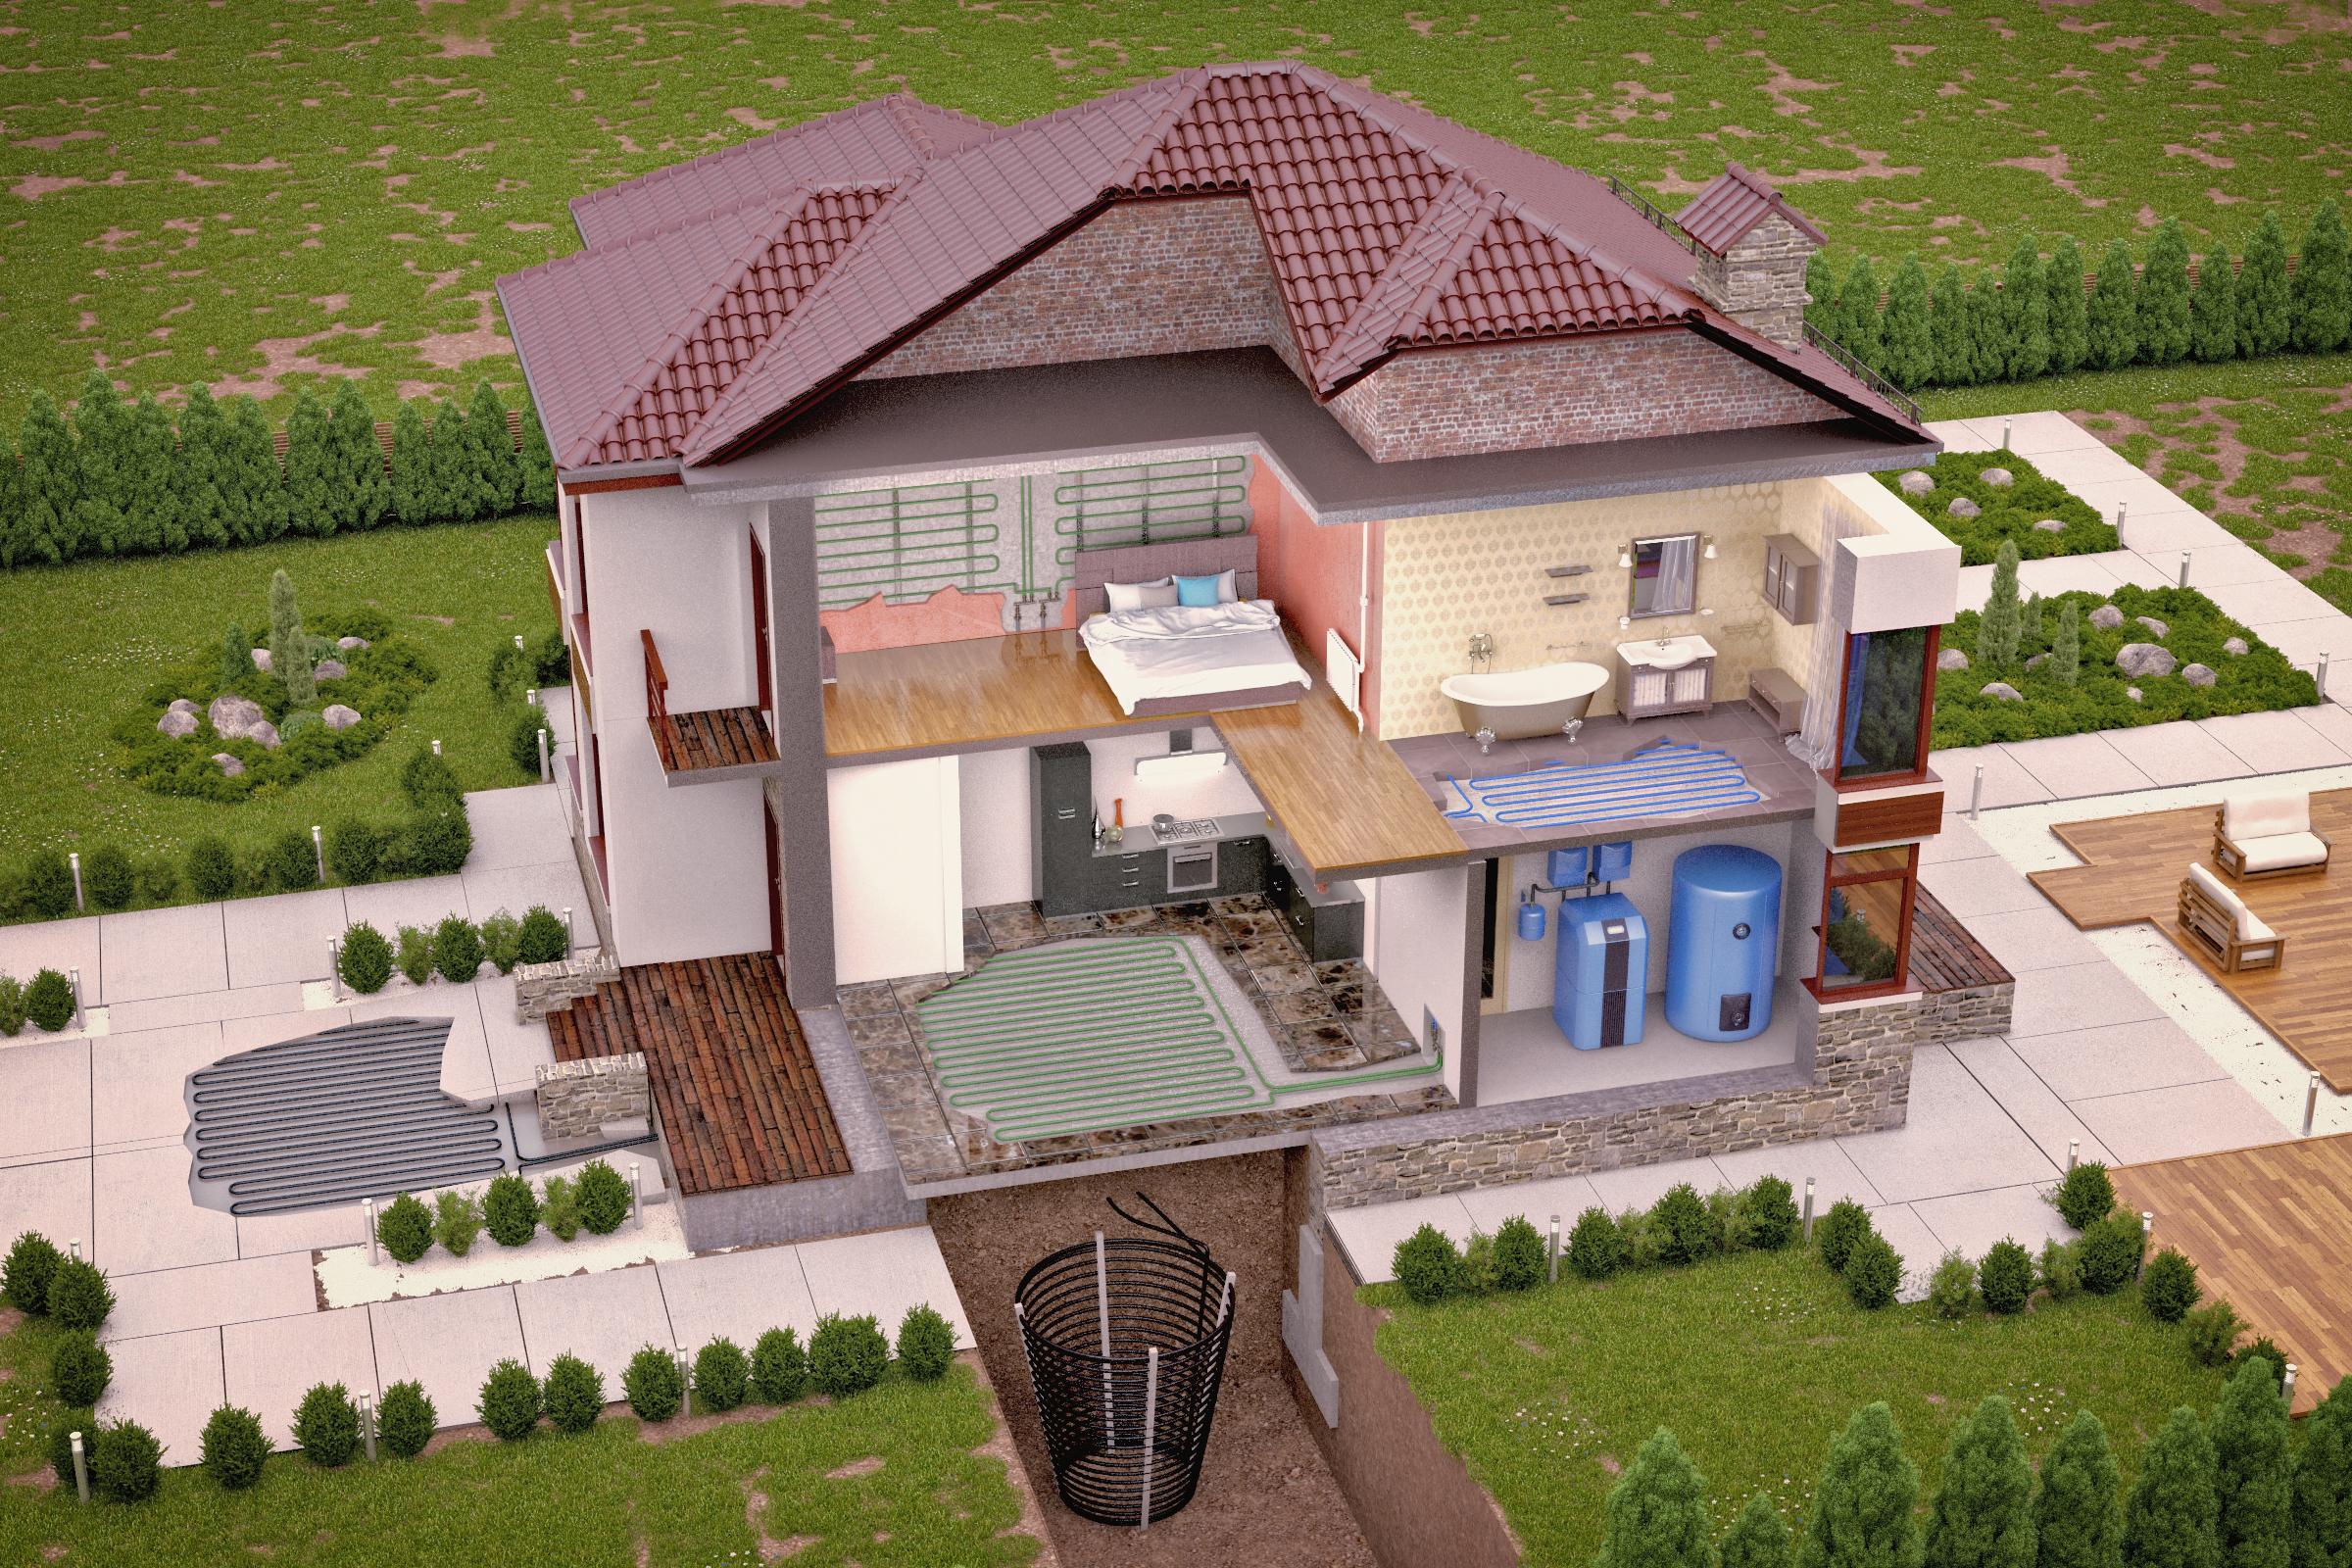 Частный дом. Ремонт строительство.Стройпортал